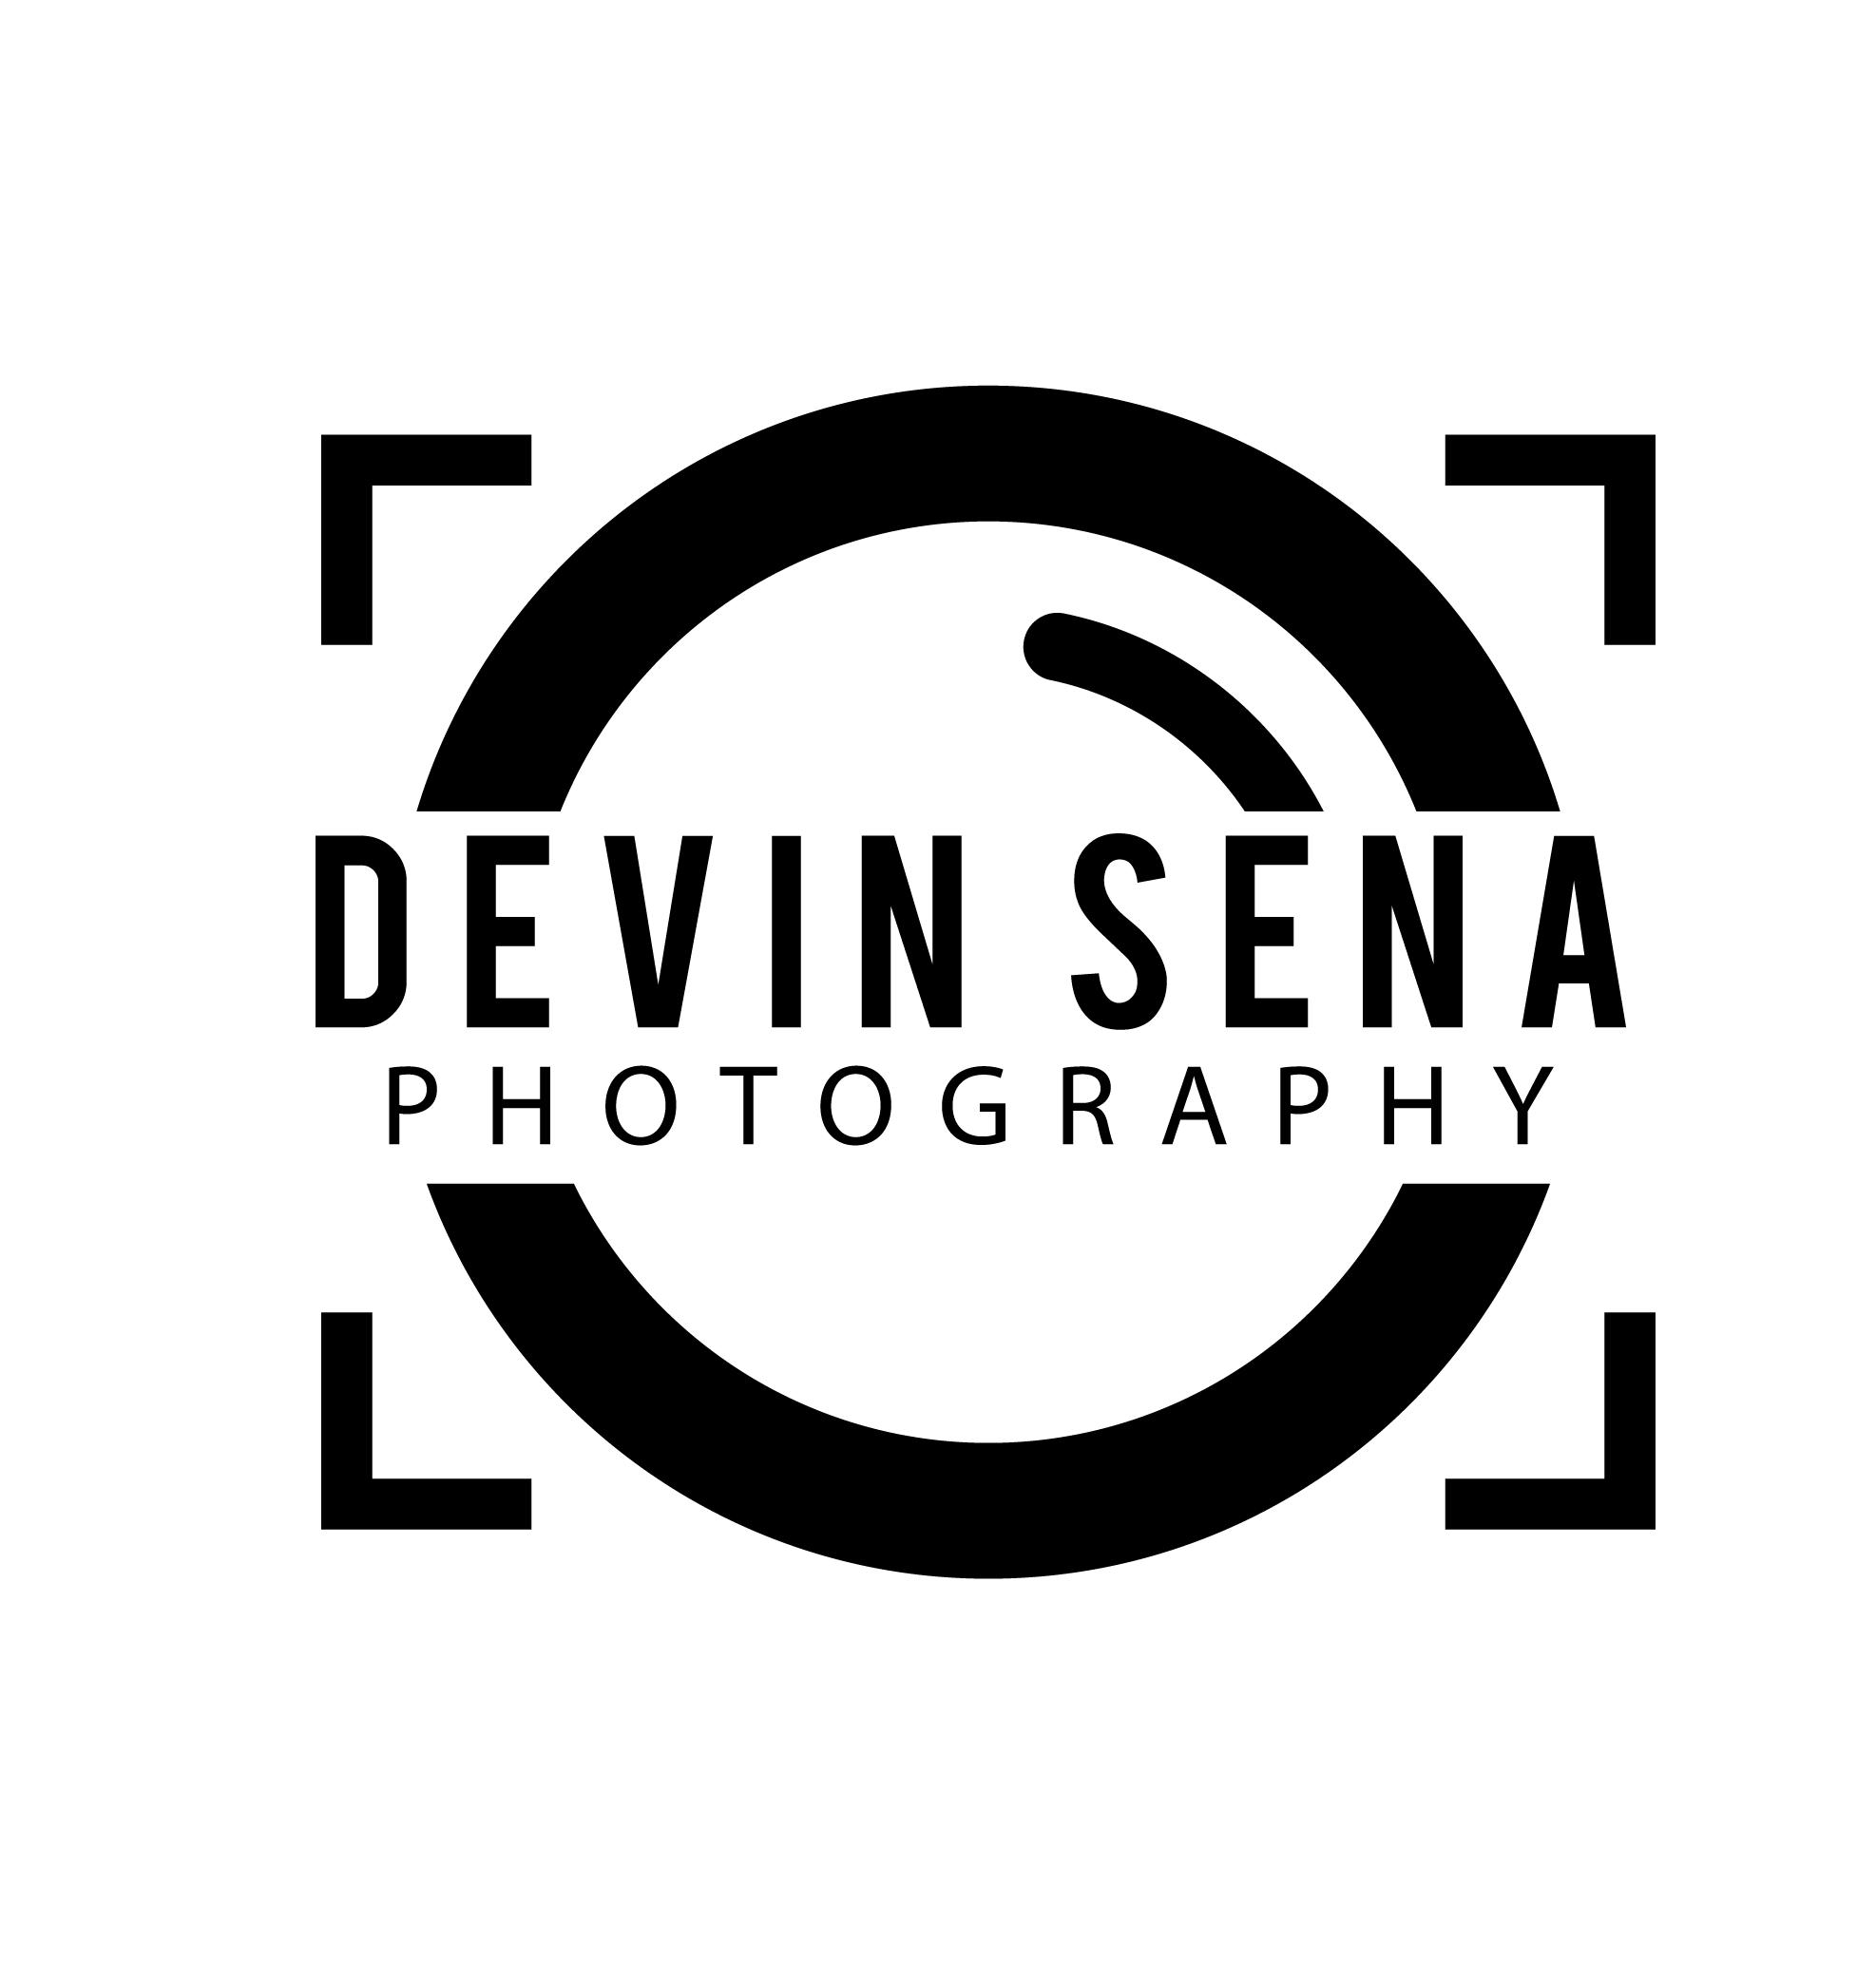 D Sena Photography